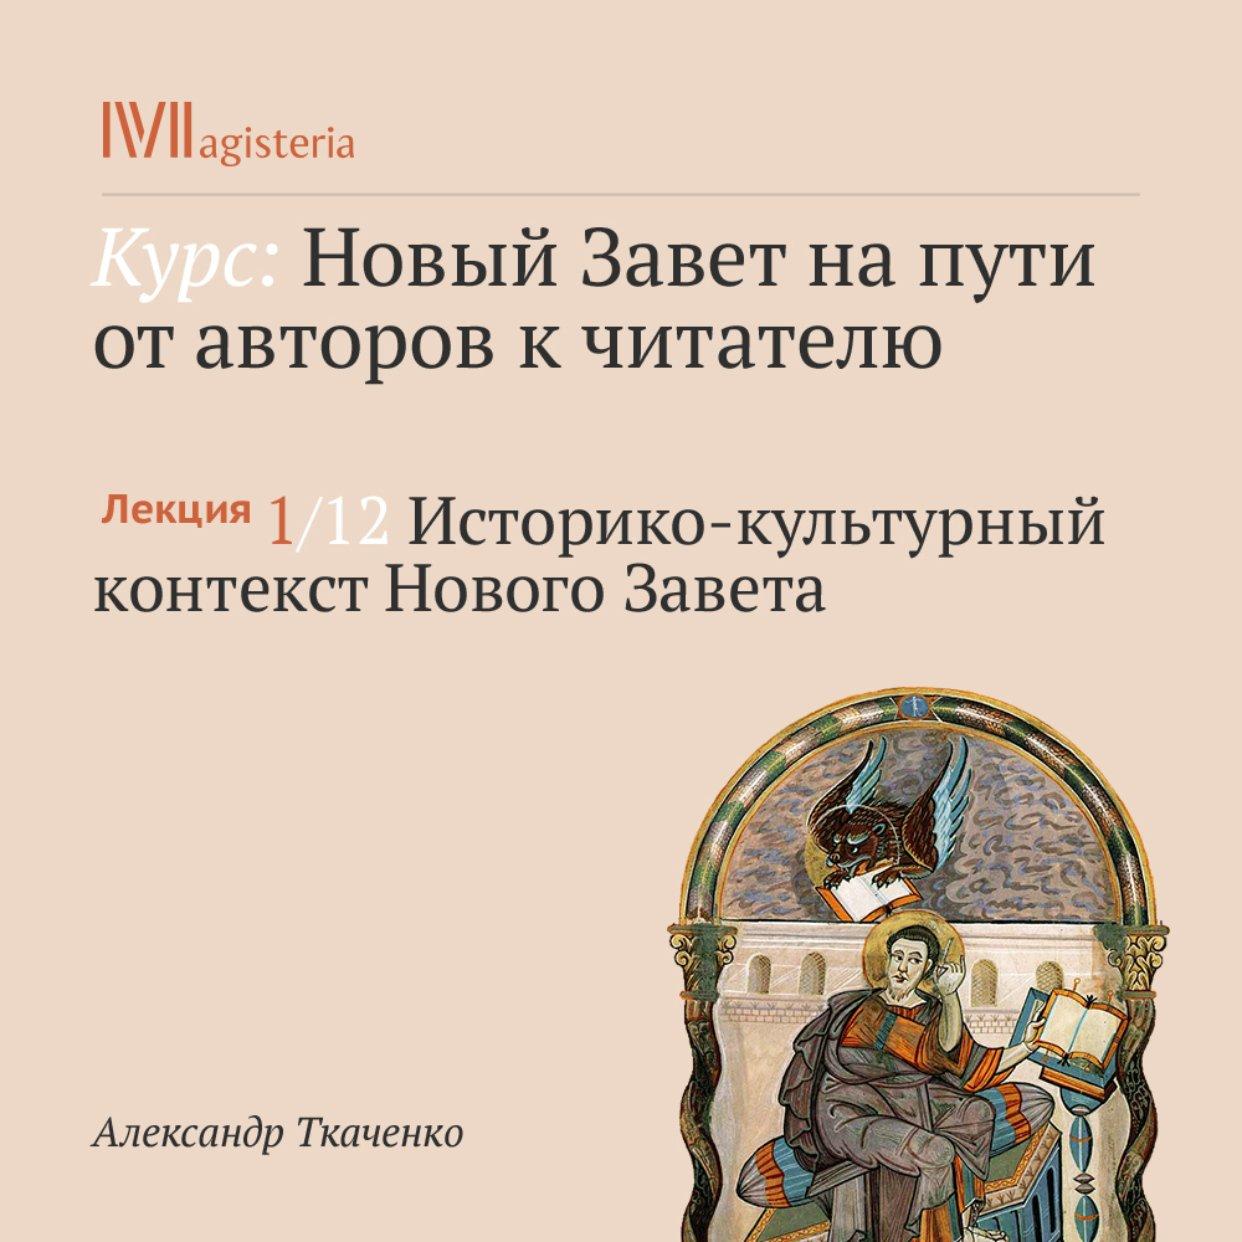 Историко-культурный контекст Нового Завета